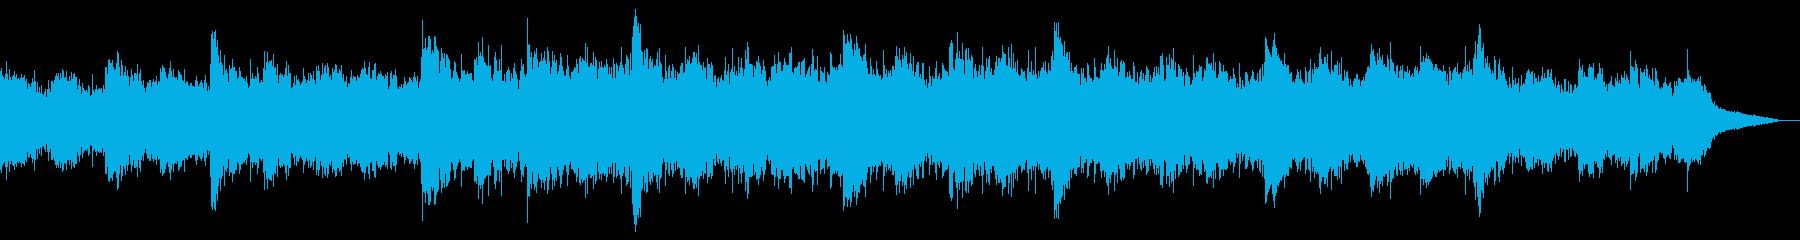 インダストリアルな機械的IDMテクスチャの再生済みの波形